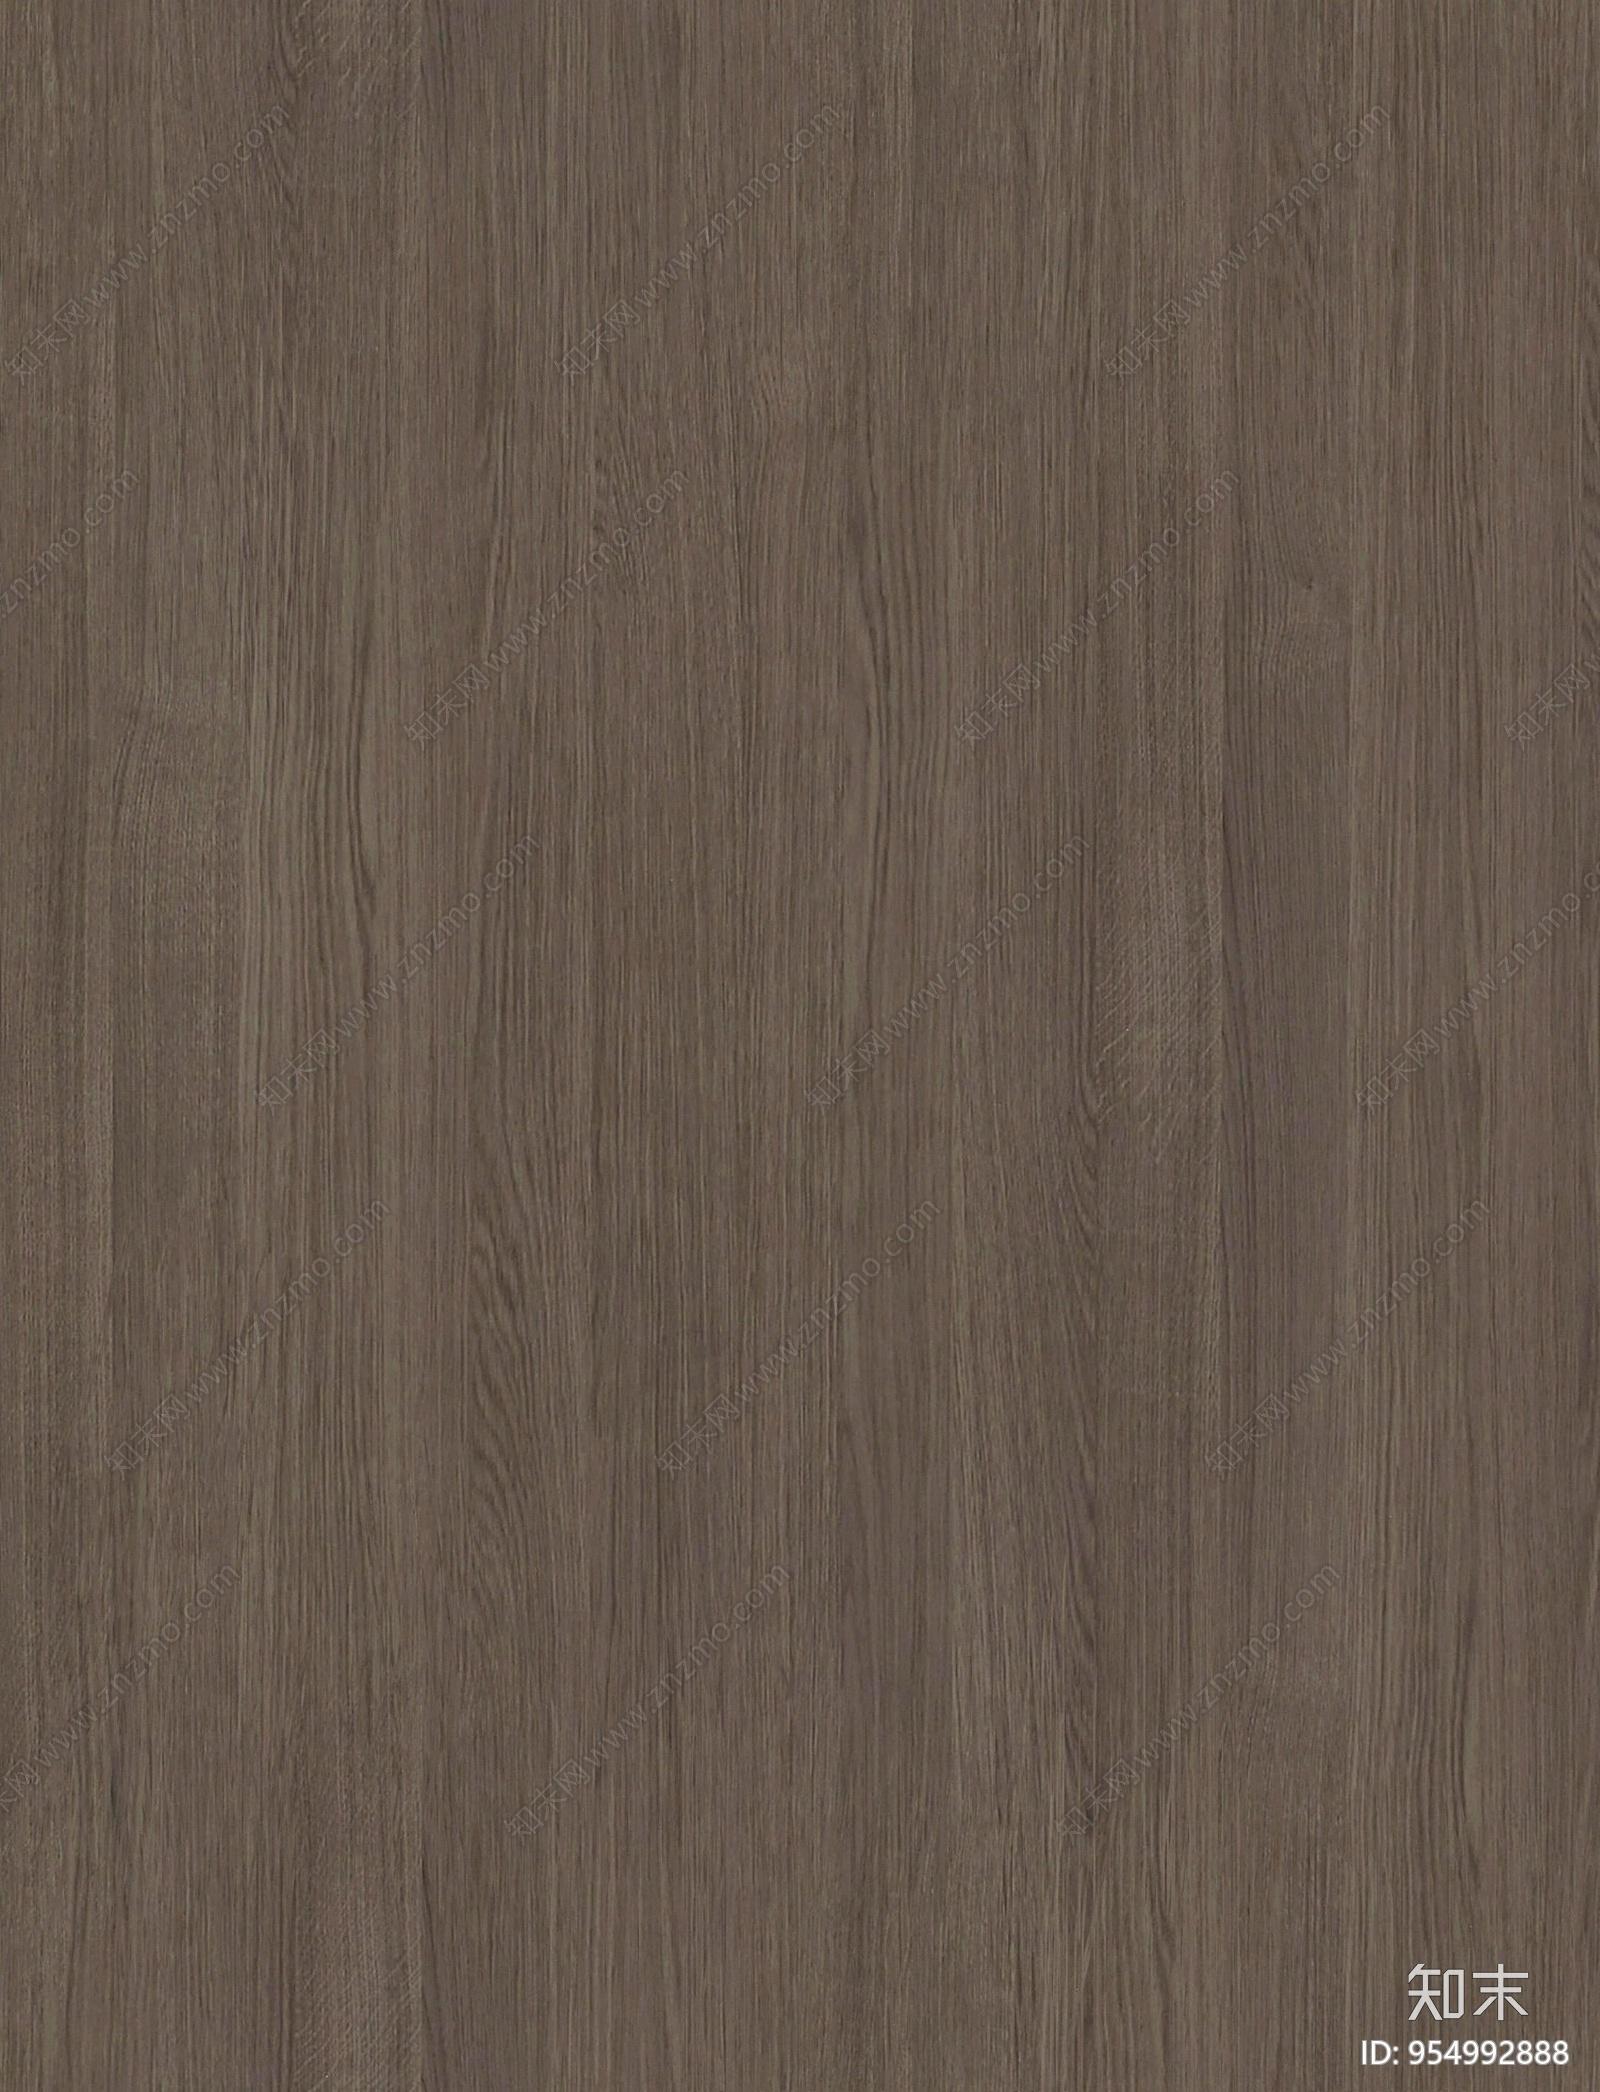 高清木饰面贴图下载【ID:954992888】